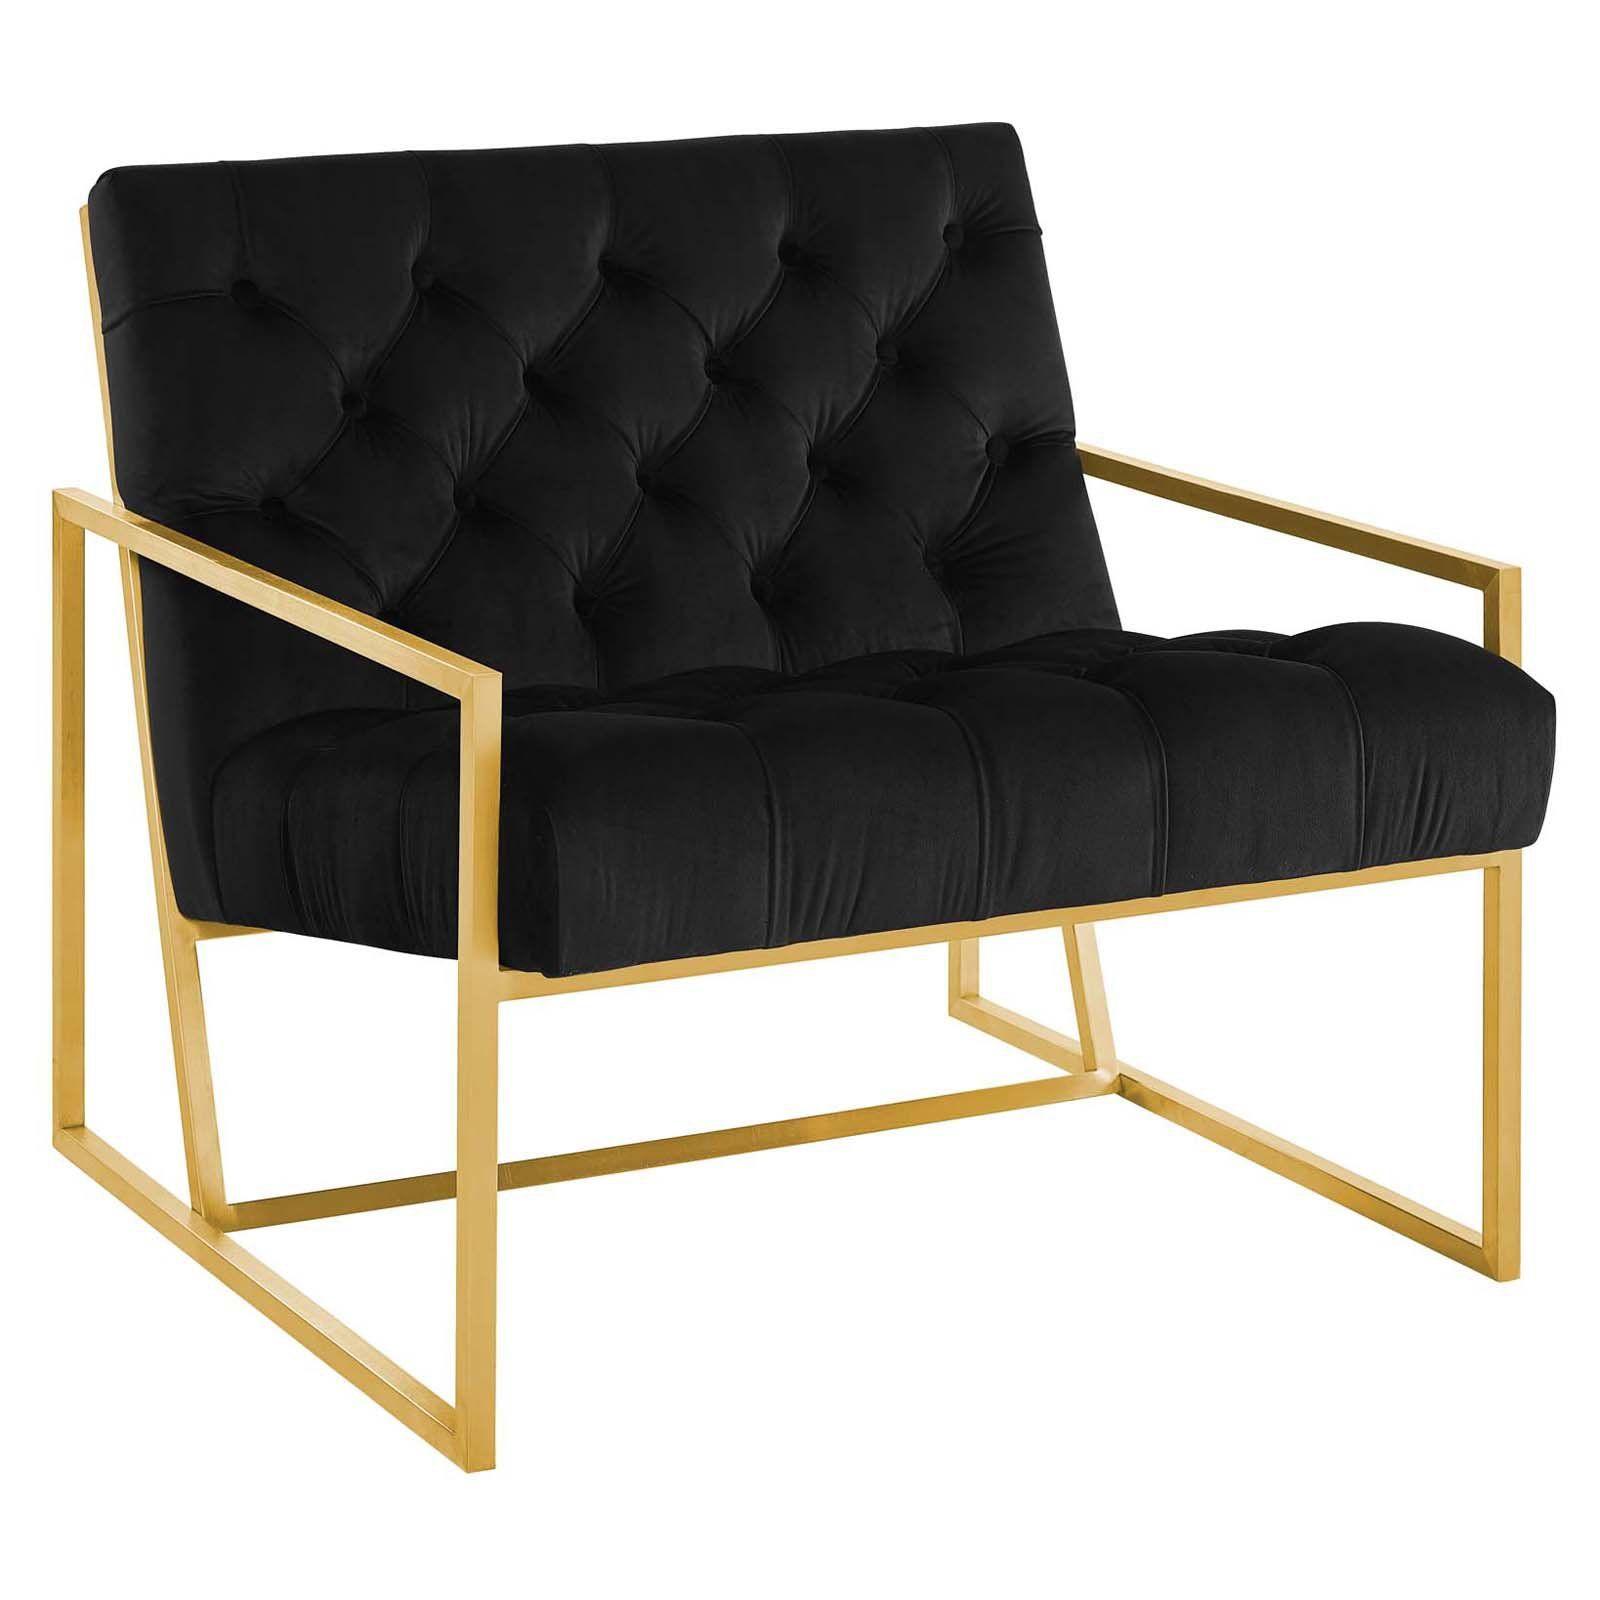 Modway Bequest Gold Stainless Steel Upholstered Velvet